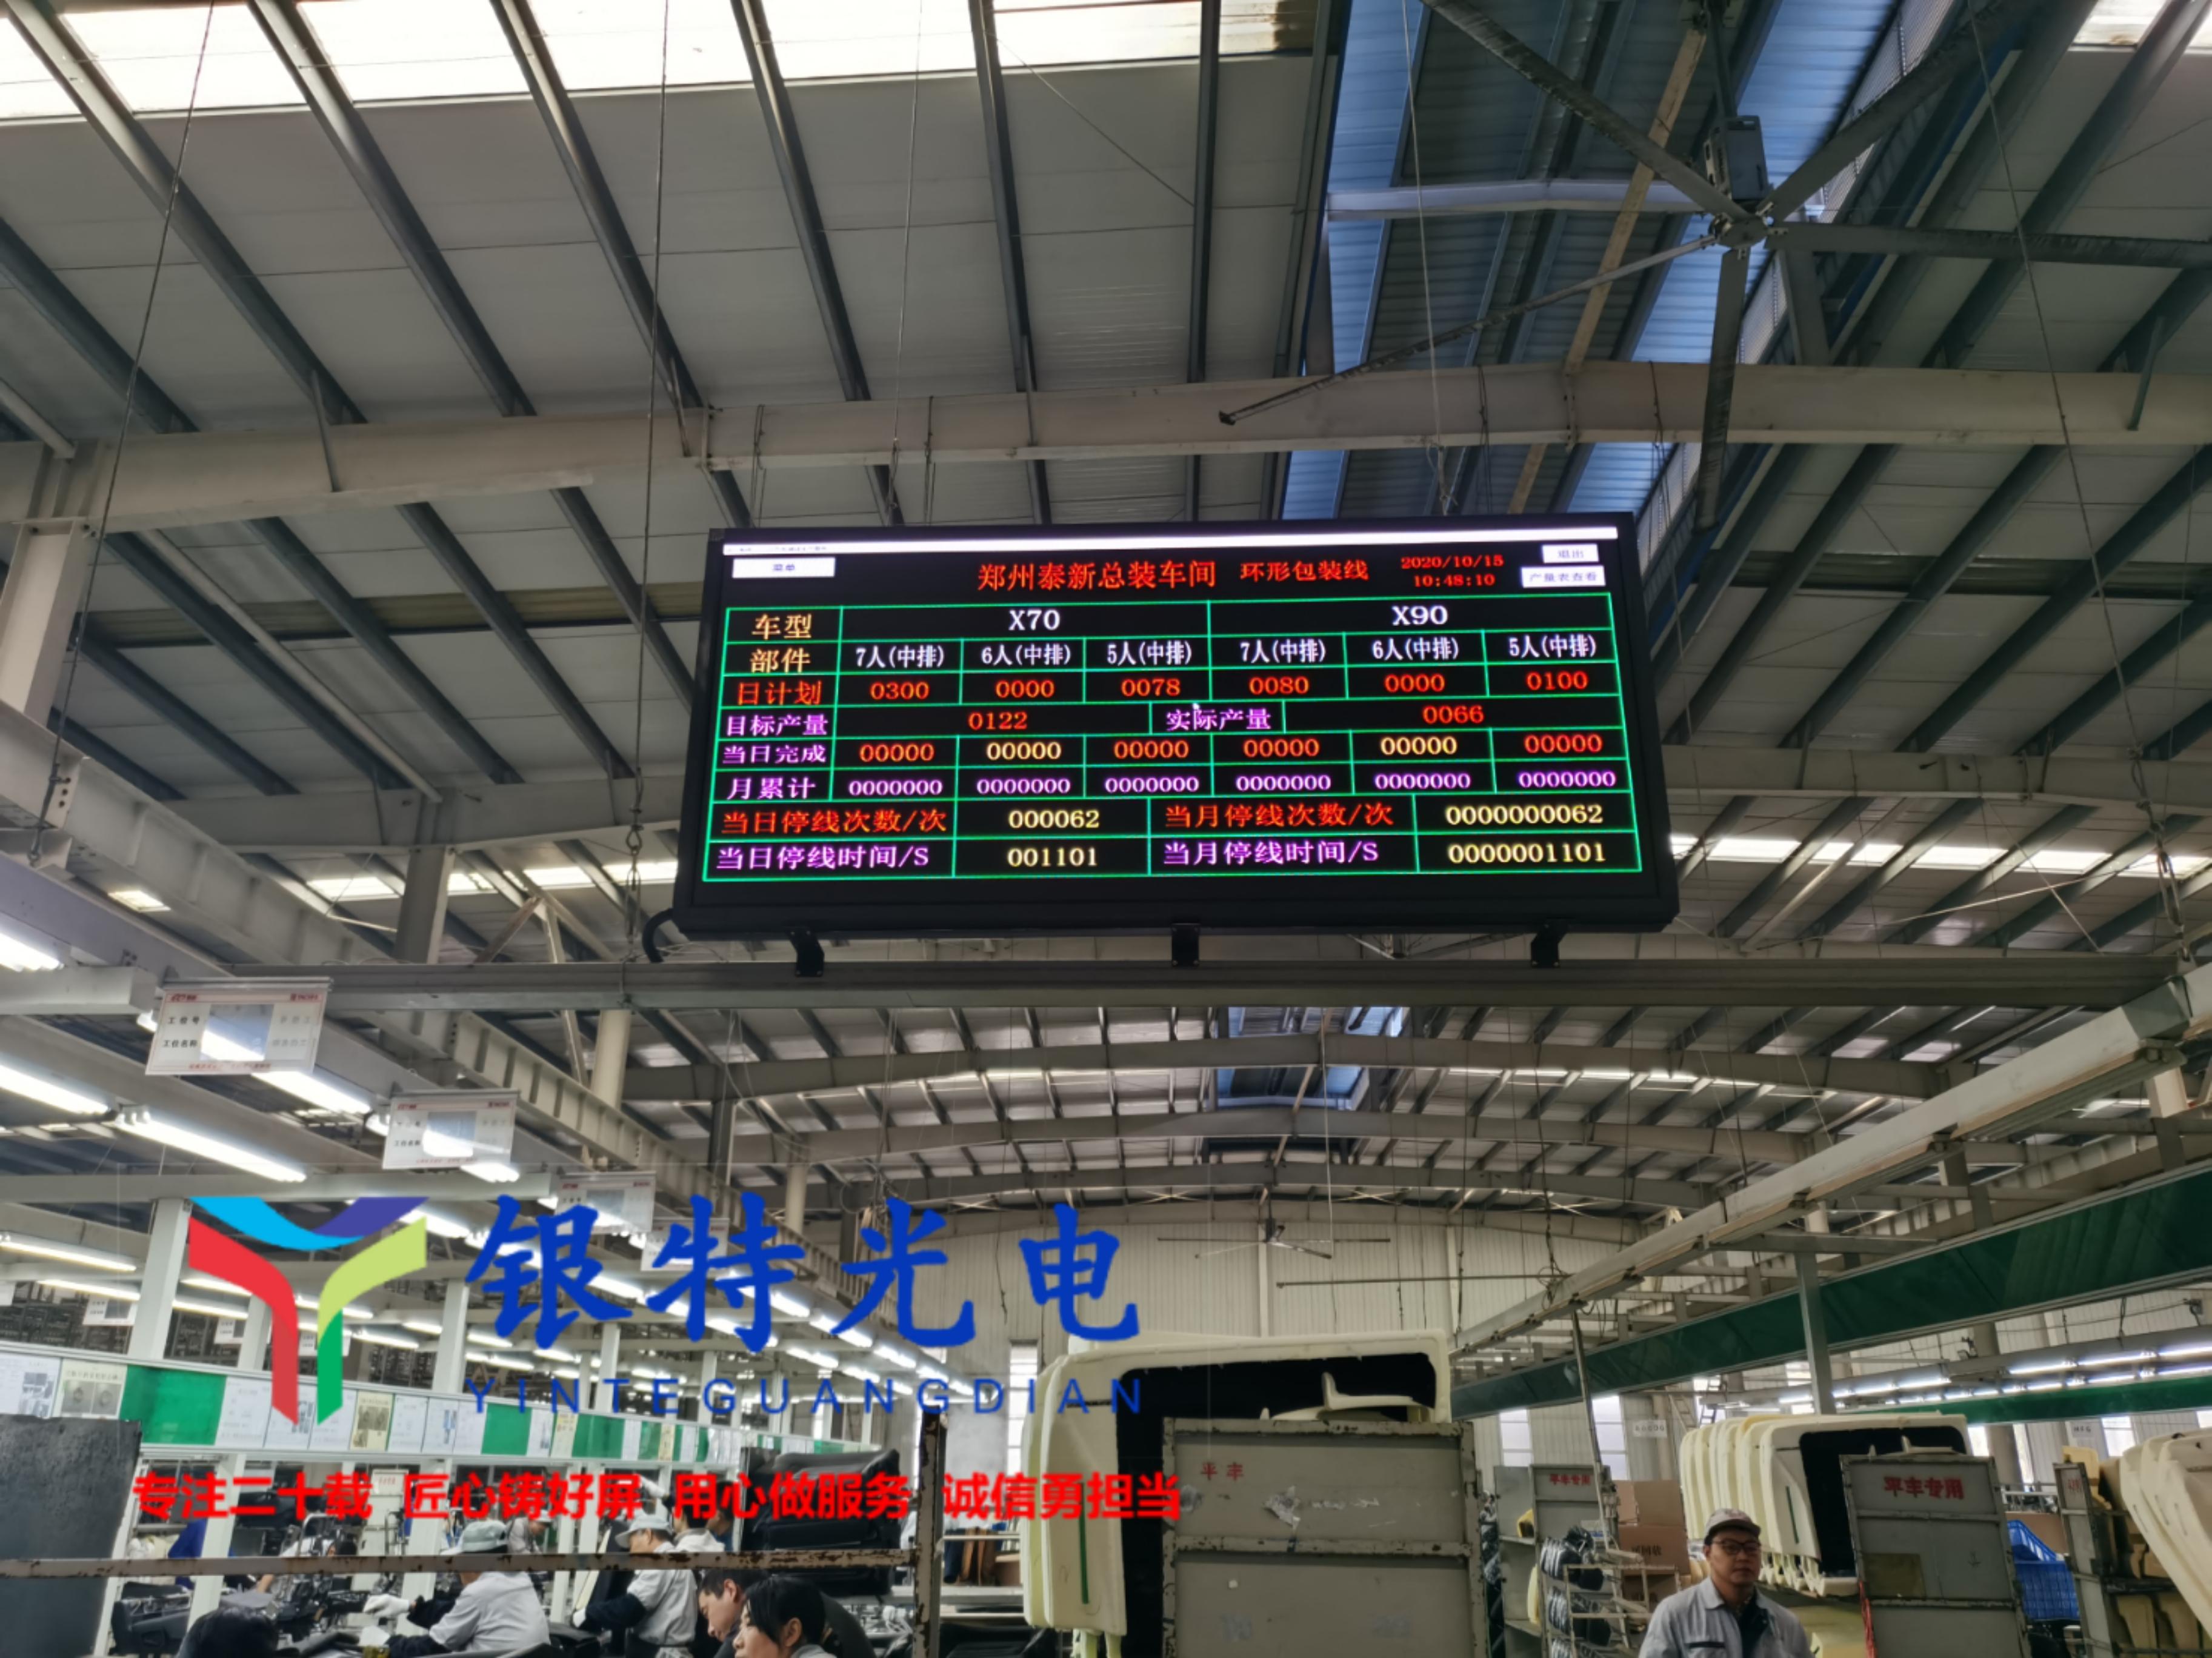 中牟泰新集团车间信息看板LED全彩屏